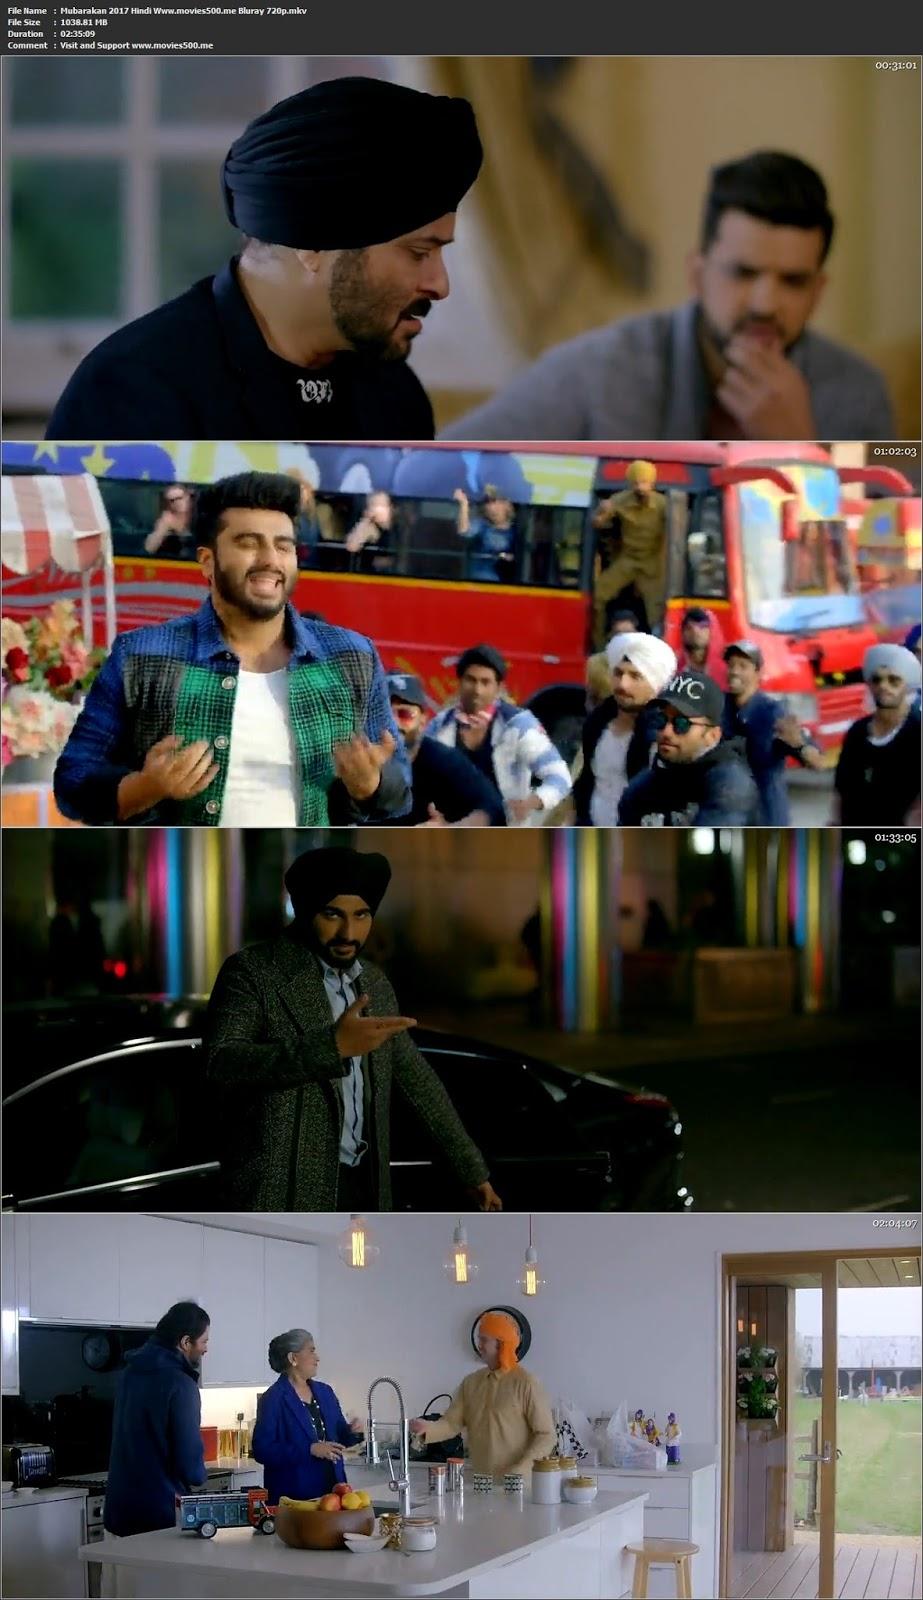 Mubarakan 2017 Hindi BluRay H264 BluRay 720p 1GB at movies500.site